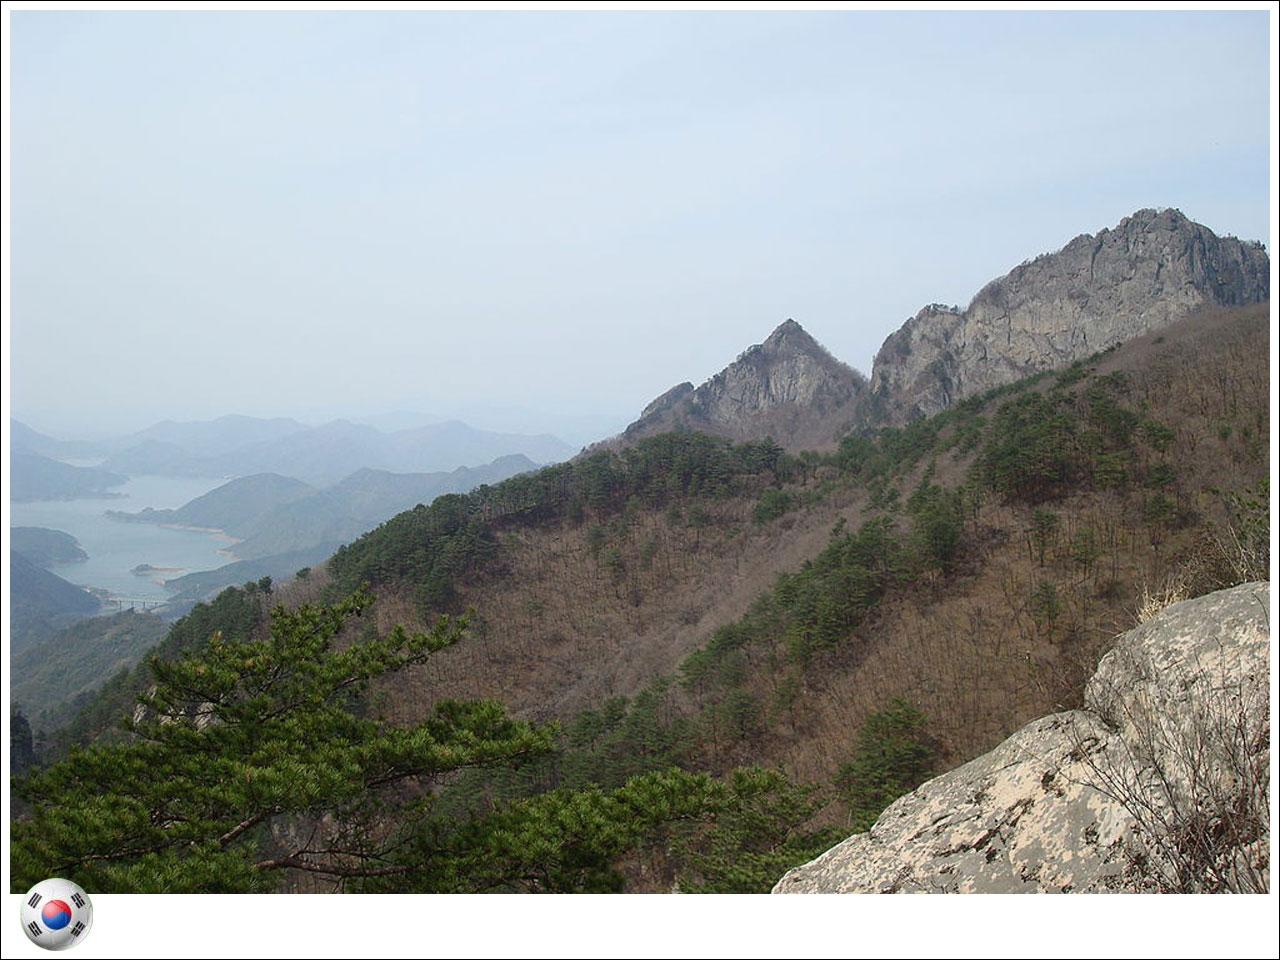 Copa do Mundo das áreas protegidas: Coréia do Sul